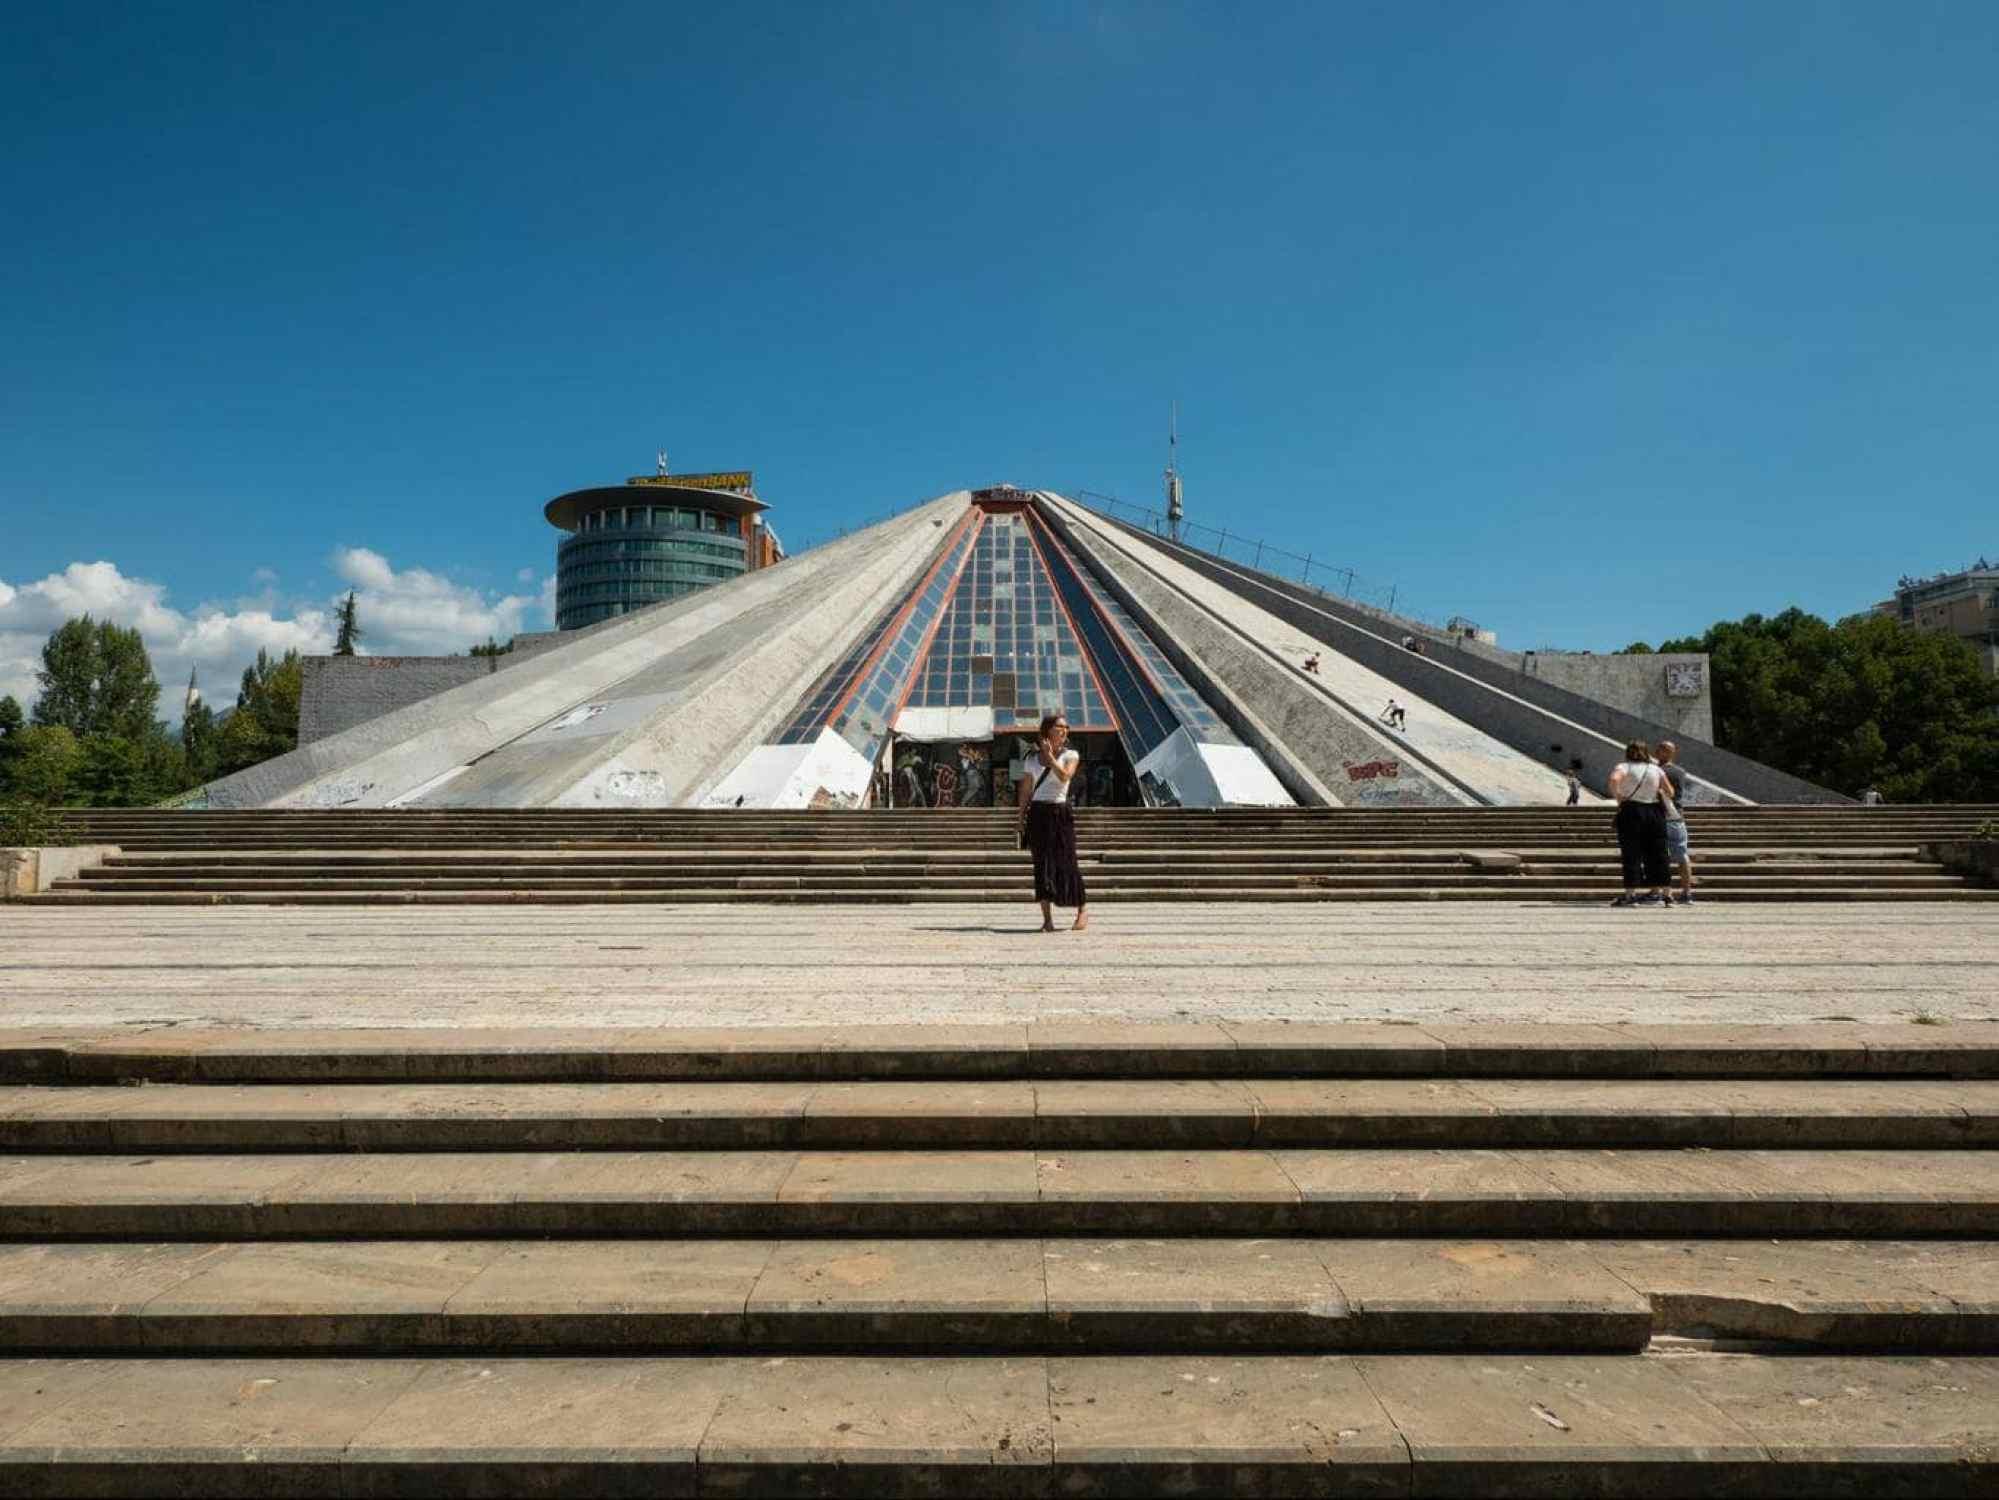 Tirana's Pyramid